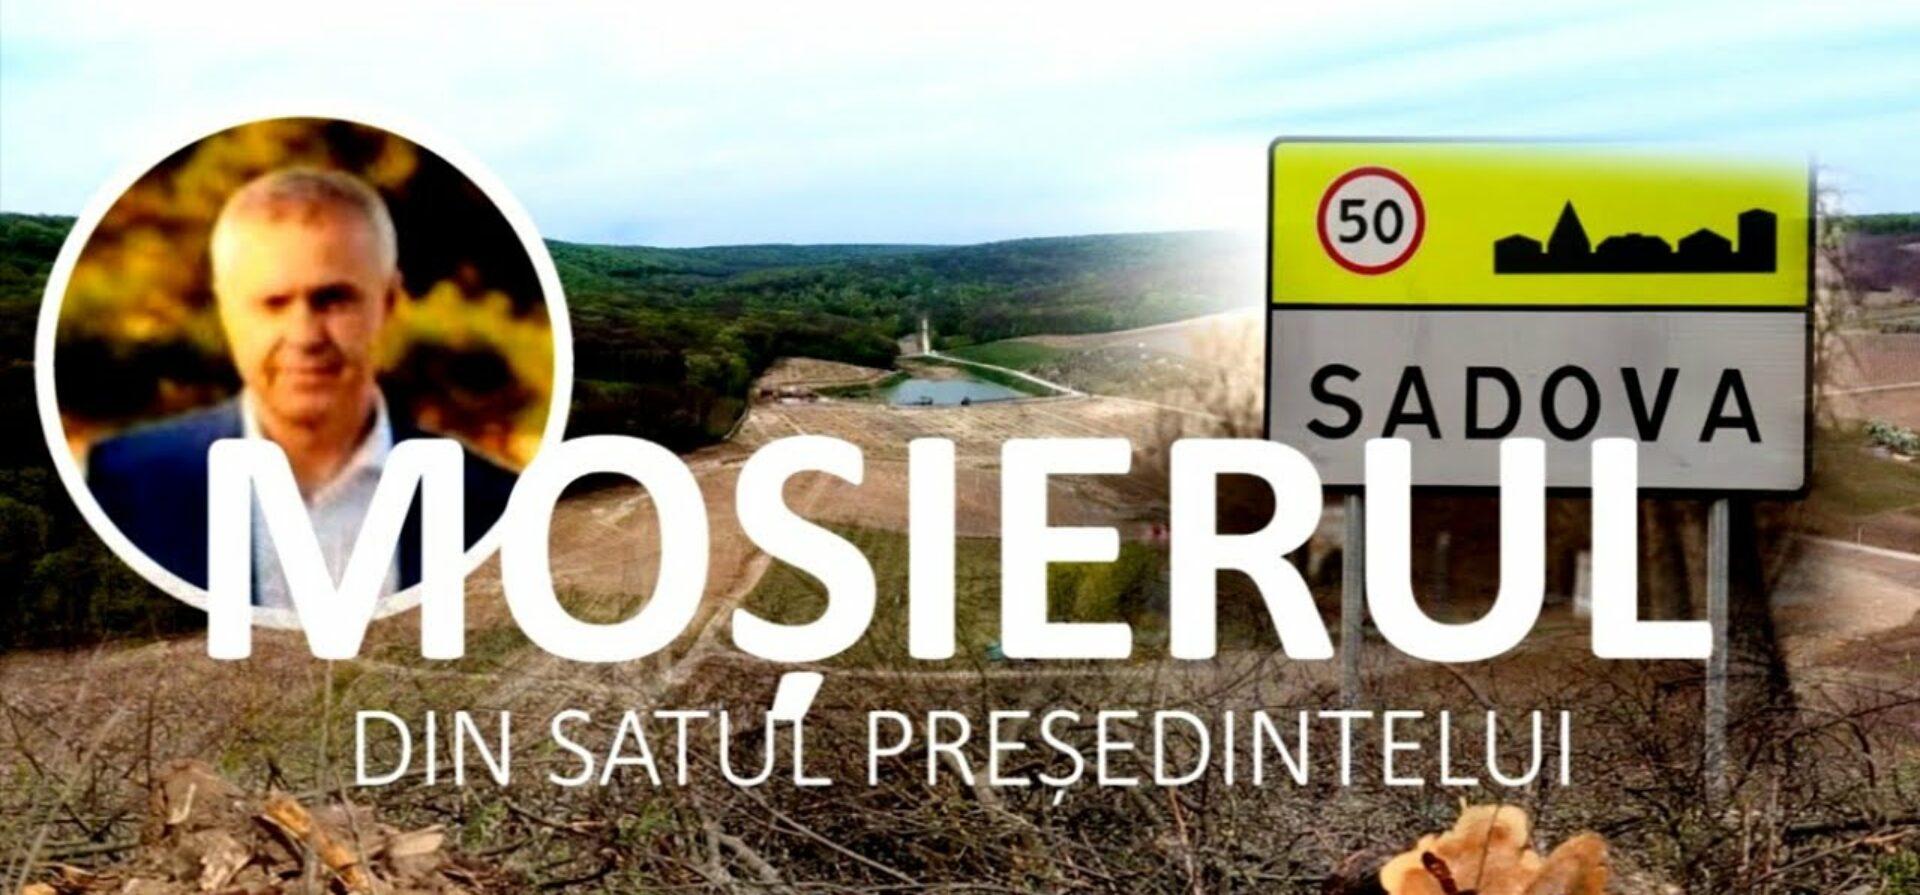 VIDEO/ Moșierul din satul președintelui